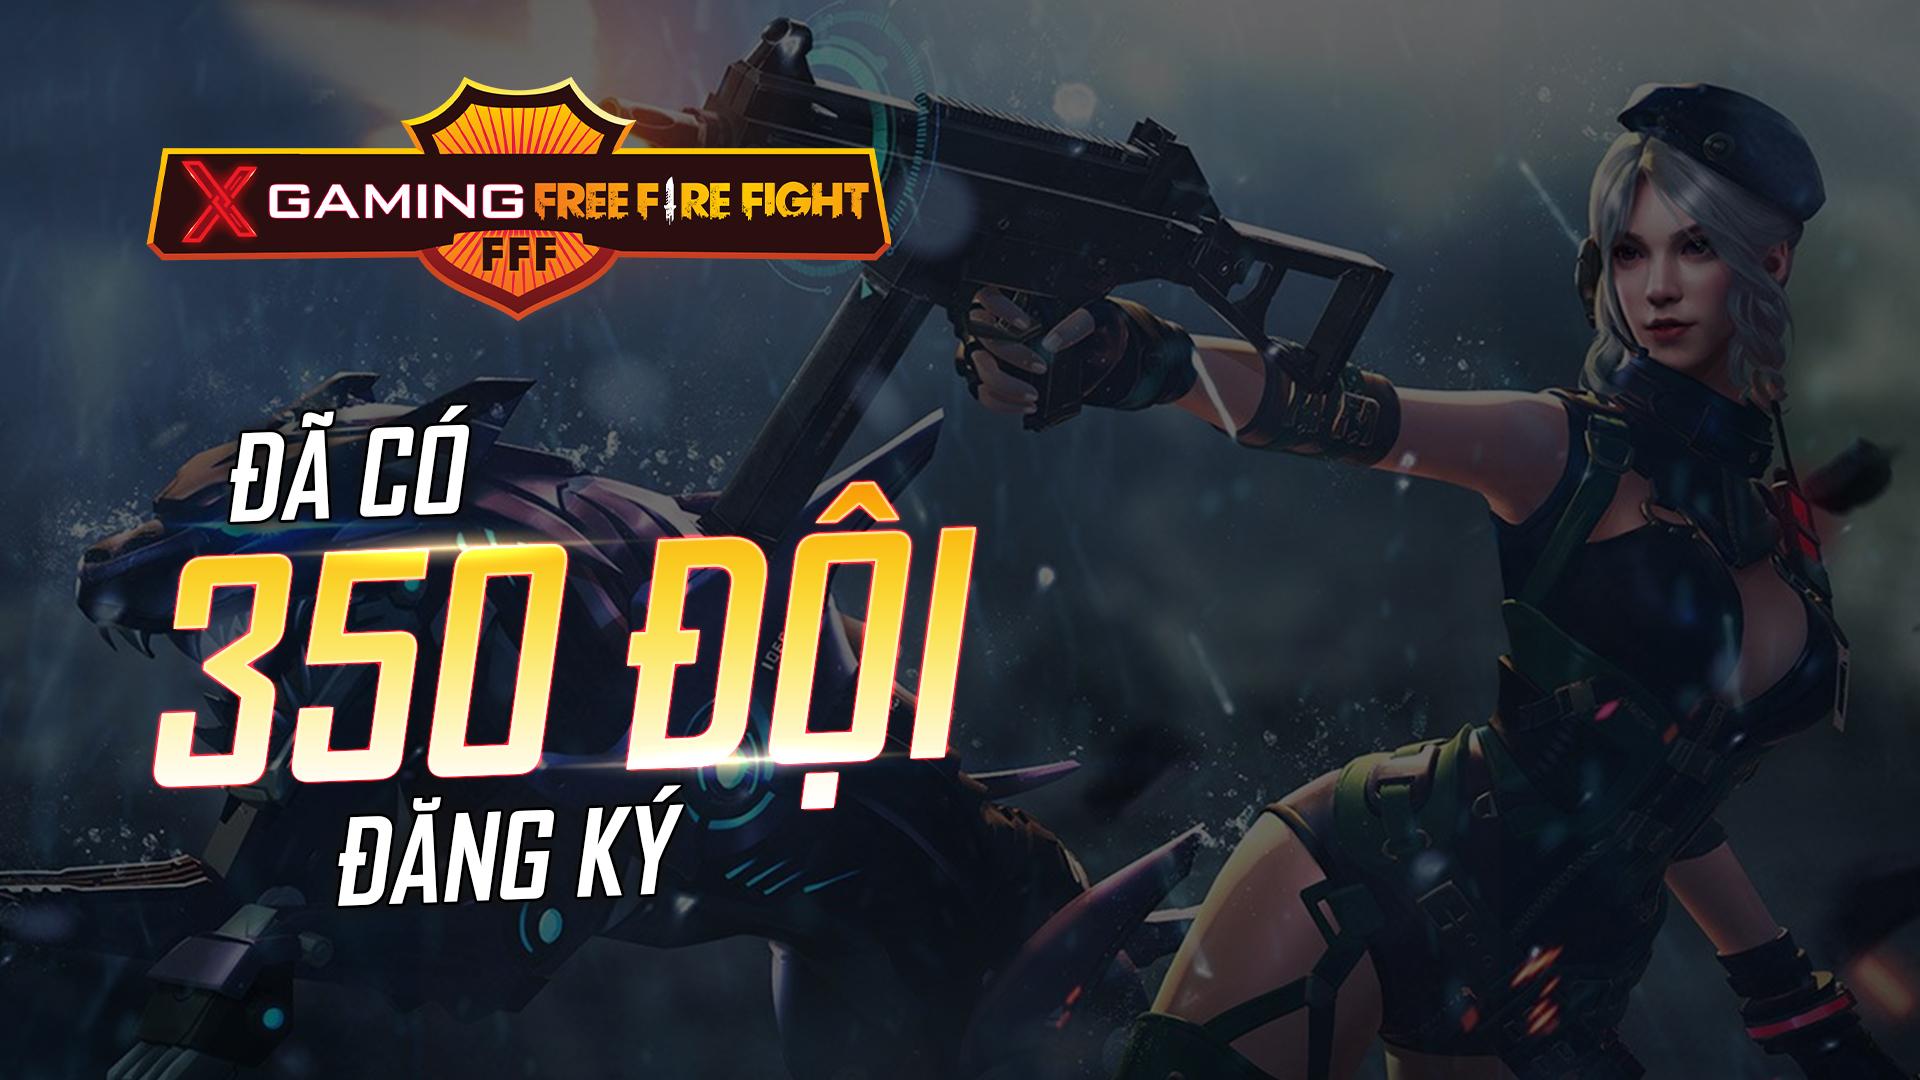 Xgaming Free Fight mùa 2: Chảo lửa thách đấu tiếp tục được mở rộng sau ngày mở đăng ký thứ 2 0